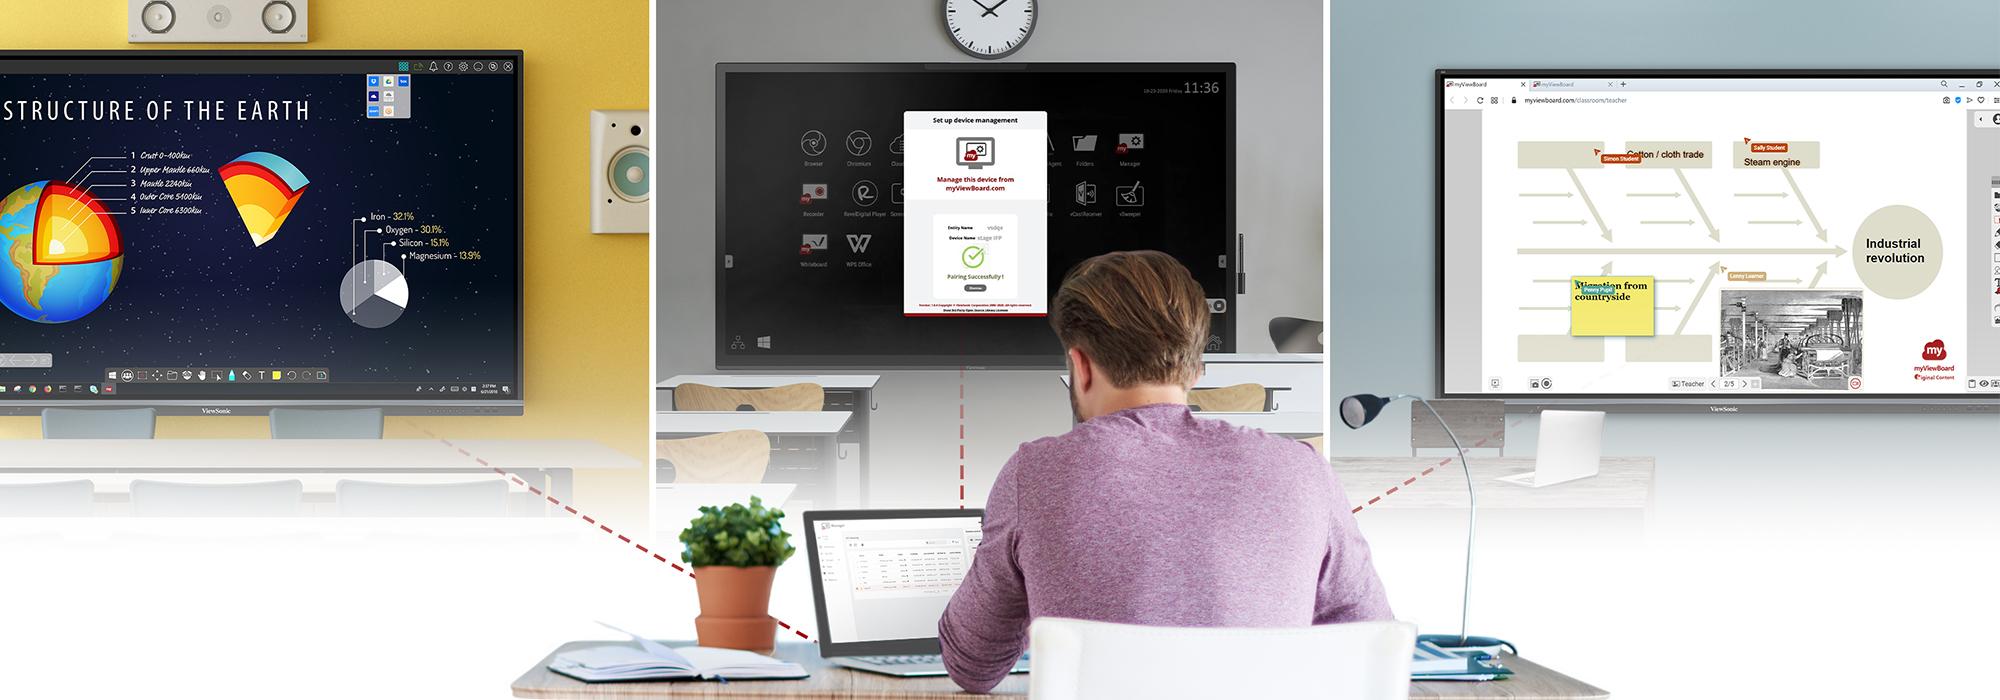 ViewSonic expande su suite myViewBoard para brindar mayores herramientas colaborativas en el salón de clase